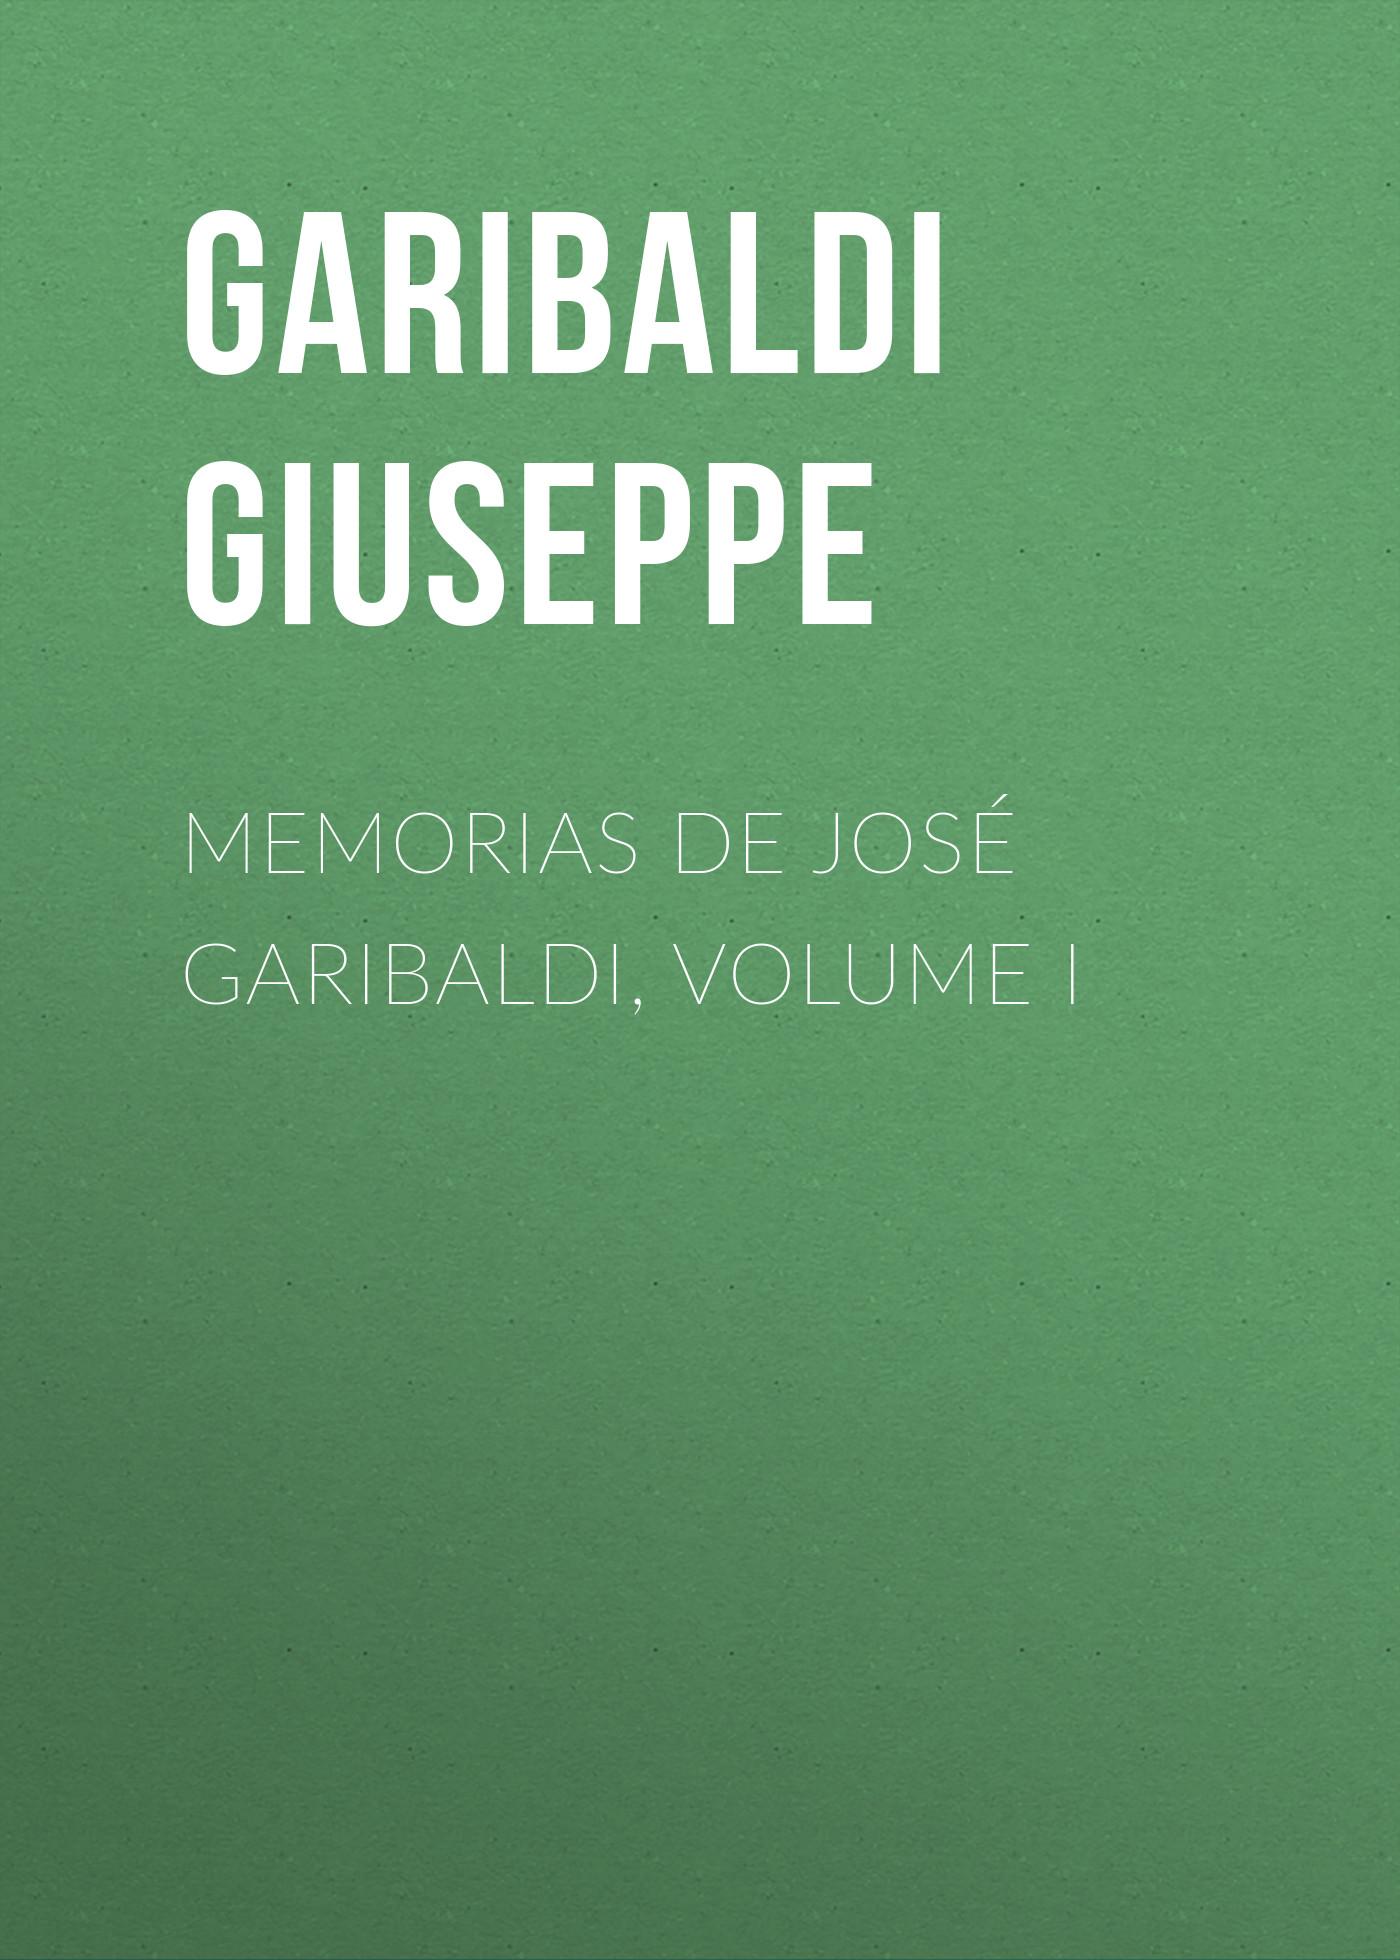 Garibaldi Giuseppe Memorias de José Garibaldi, volume I josé gonzález